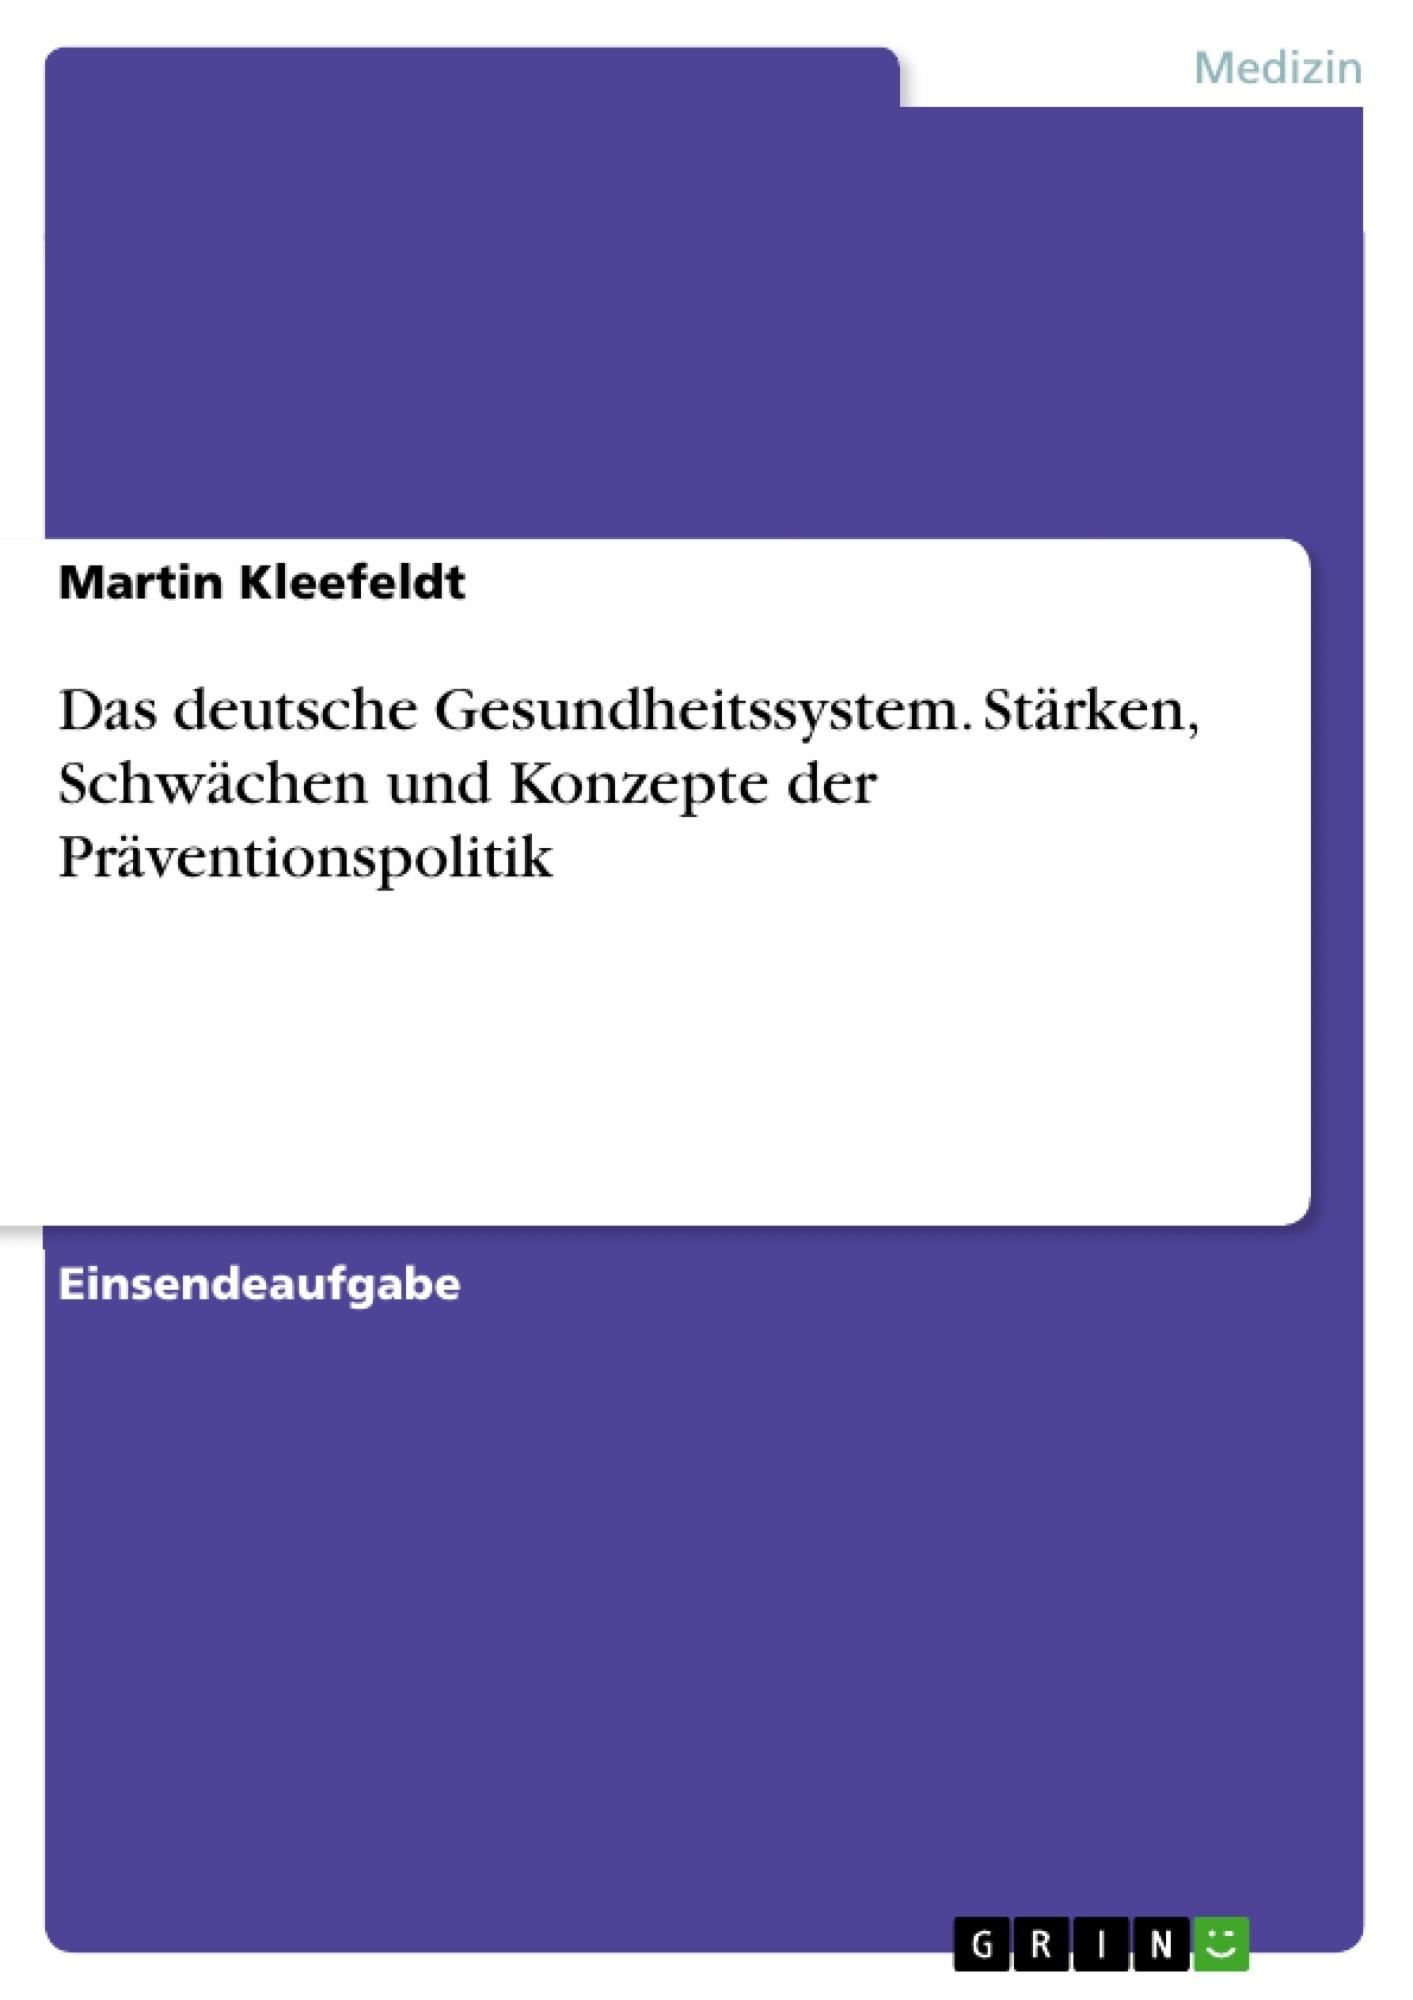 Titel: Das deutsche Gesundheitssystem. Stärken, Schwächen und Konzepte der Präventionspolitik